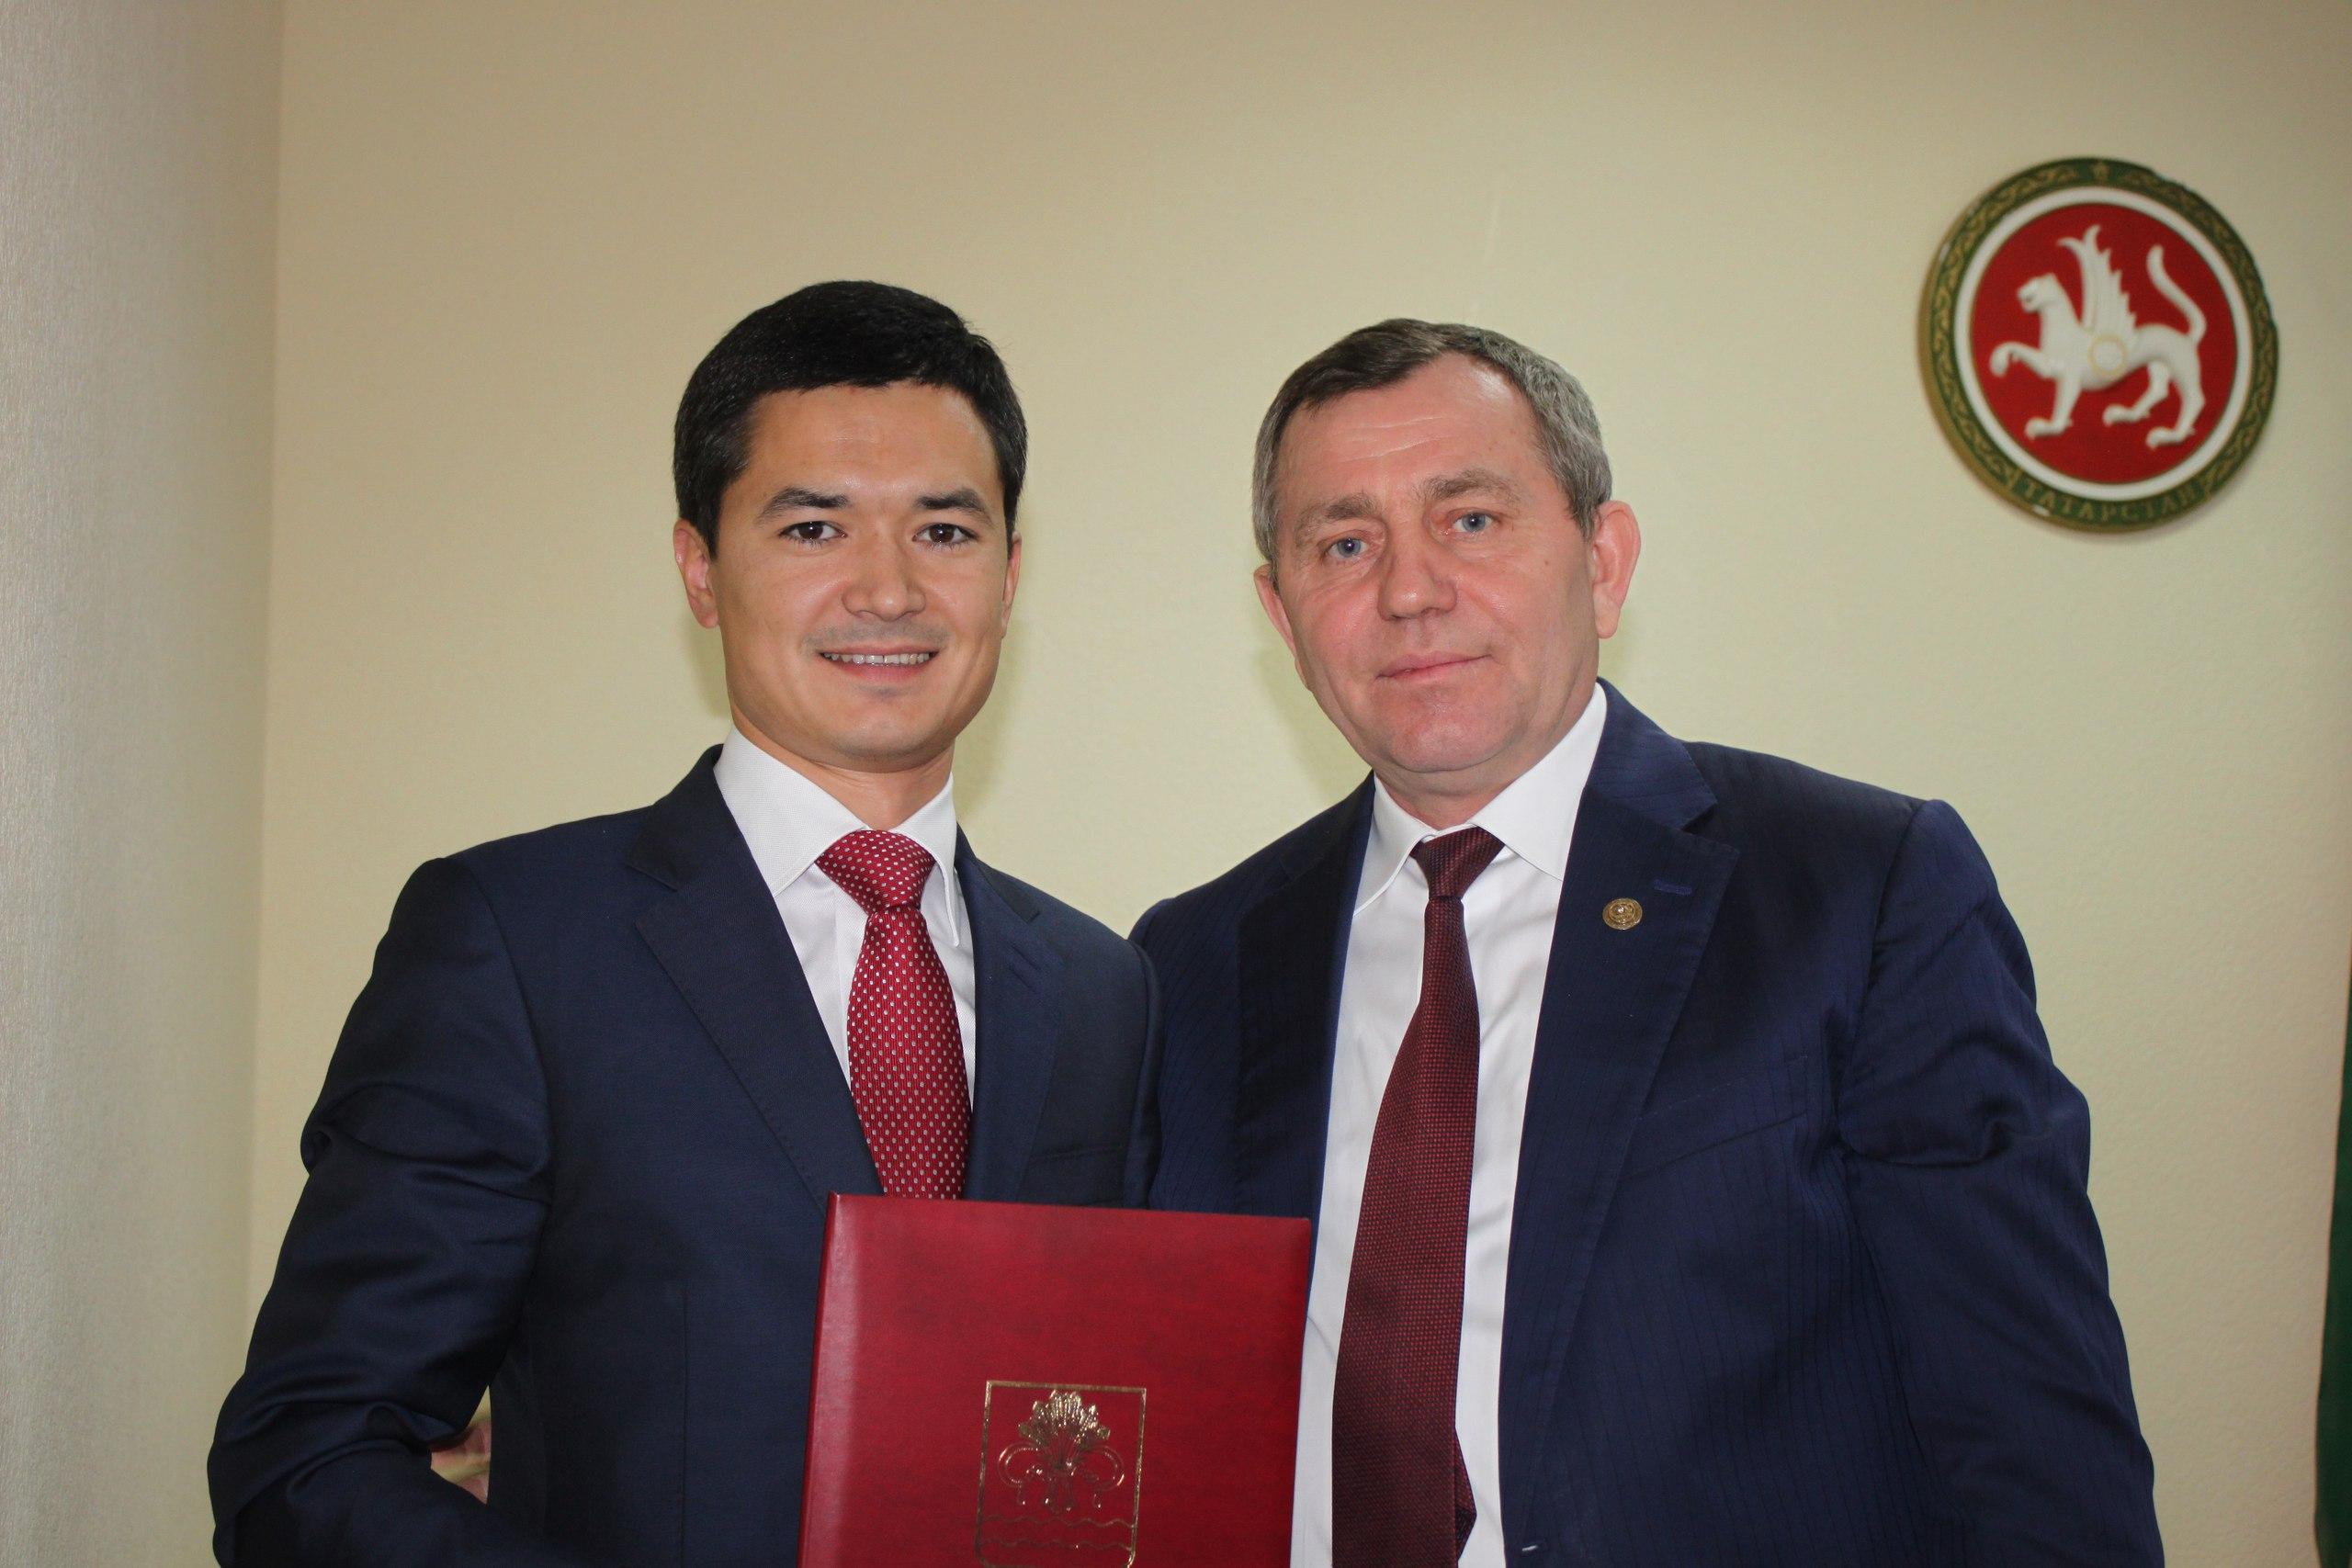 Сын Энгеля Фаттахова подал вотставку споста руководителя исполкома